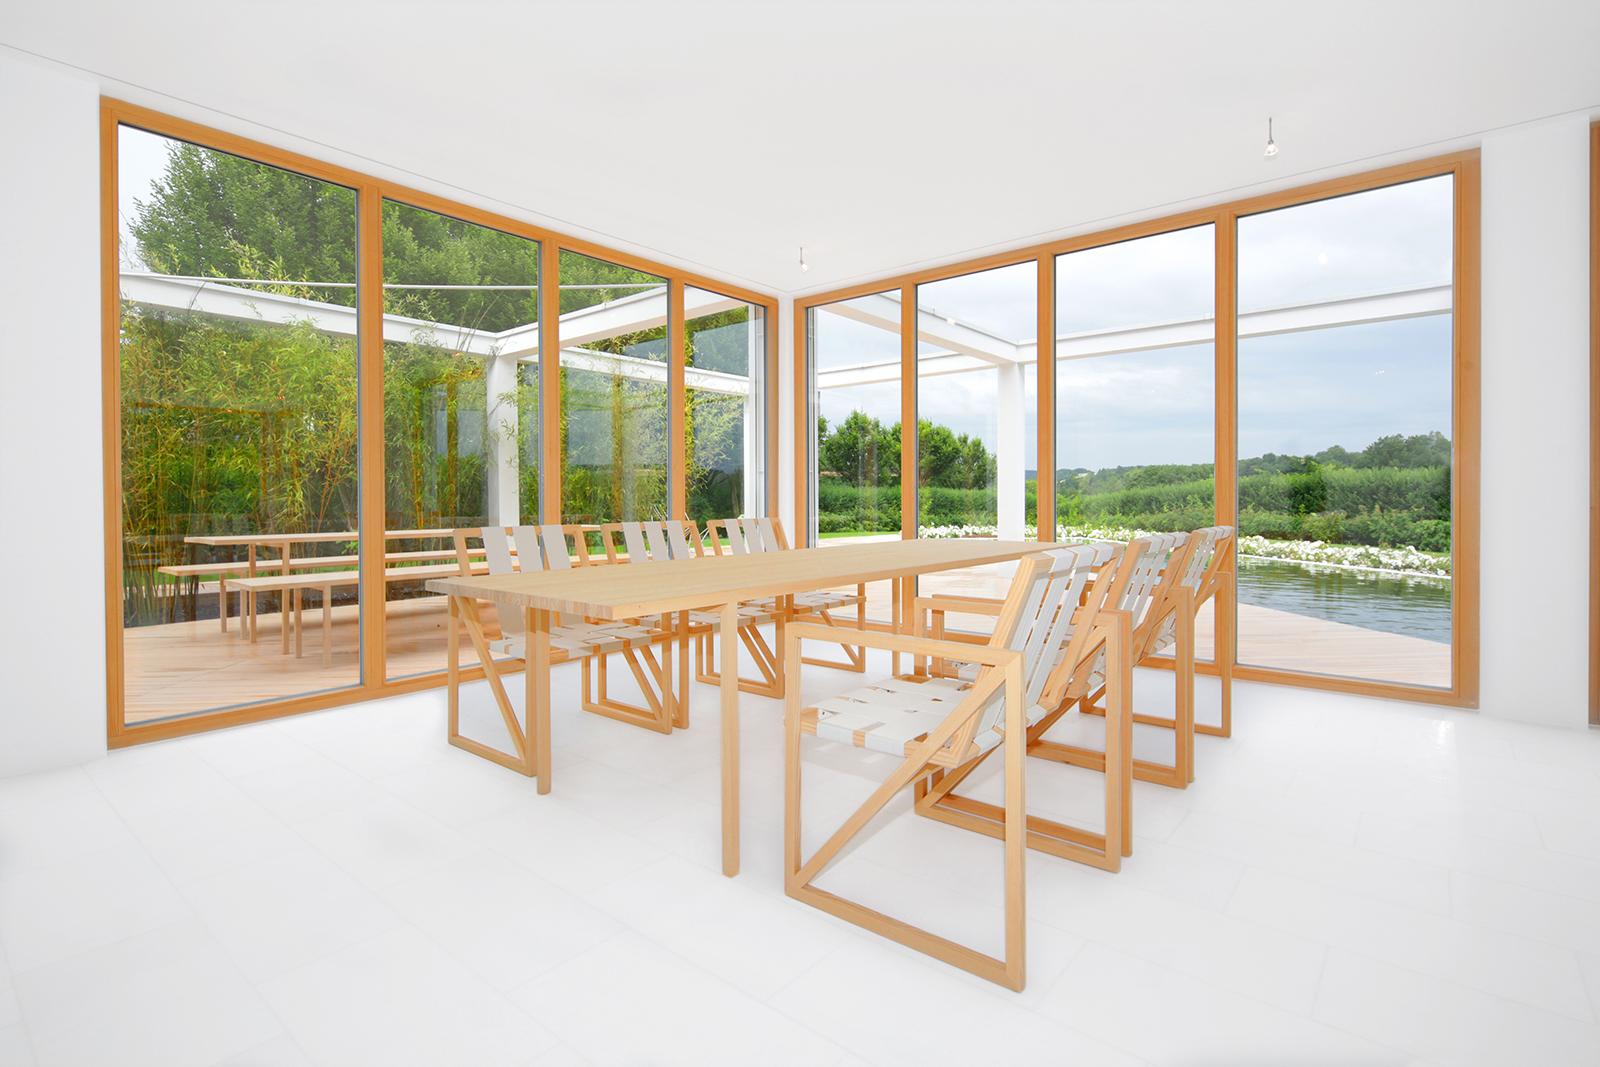 haus g m bel schmid schreinerei. Black Bedroom Furniture Sets. Home Design Ideas